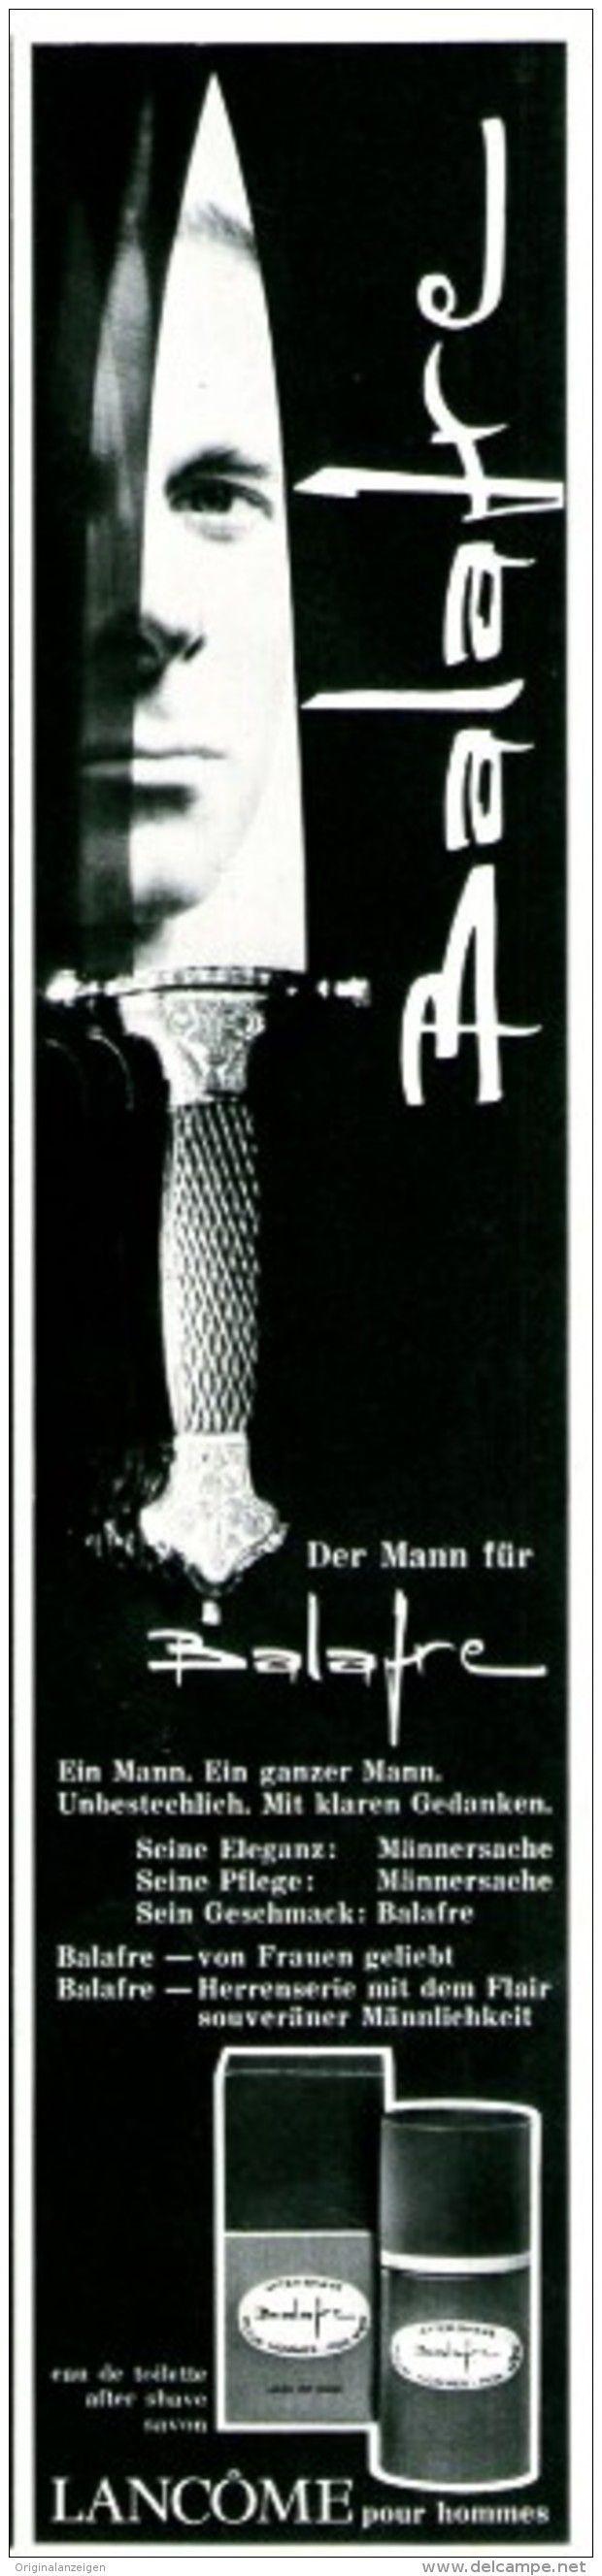 Original-Werbung/ Anzeige 1969 - BALAFRE / LANCÔME POUR HOMMES - ca. 55 x 240 mm